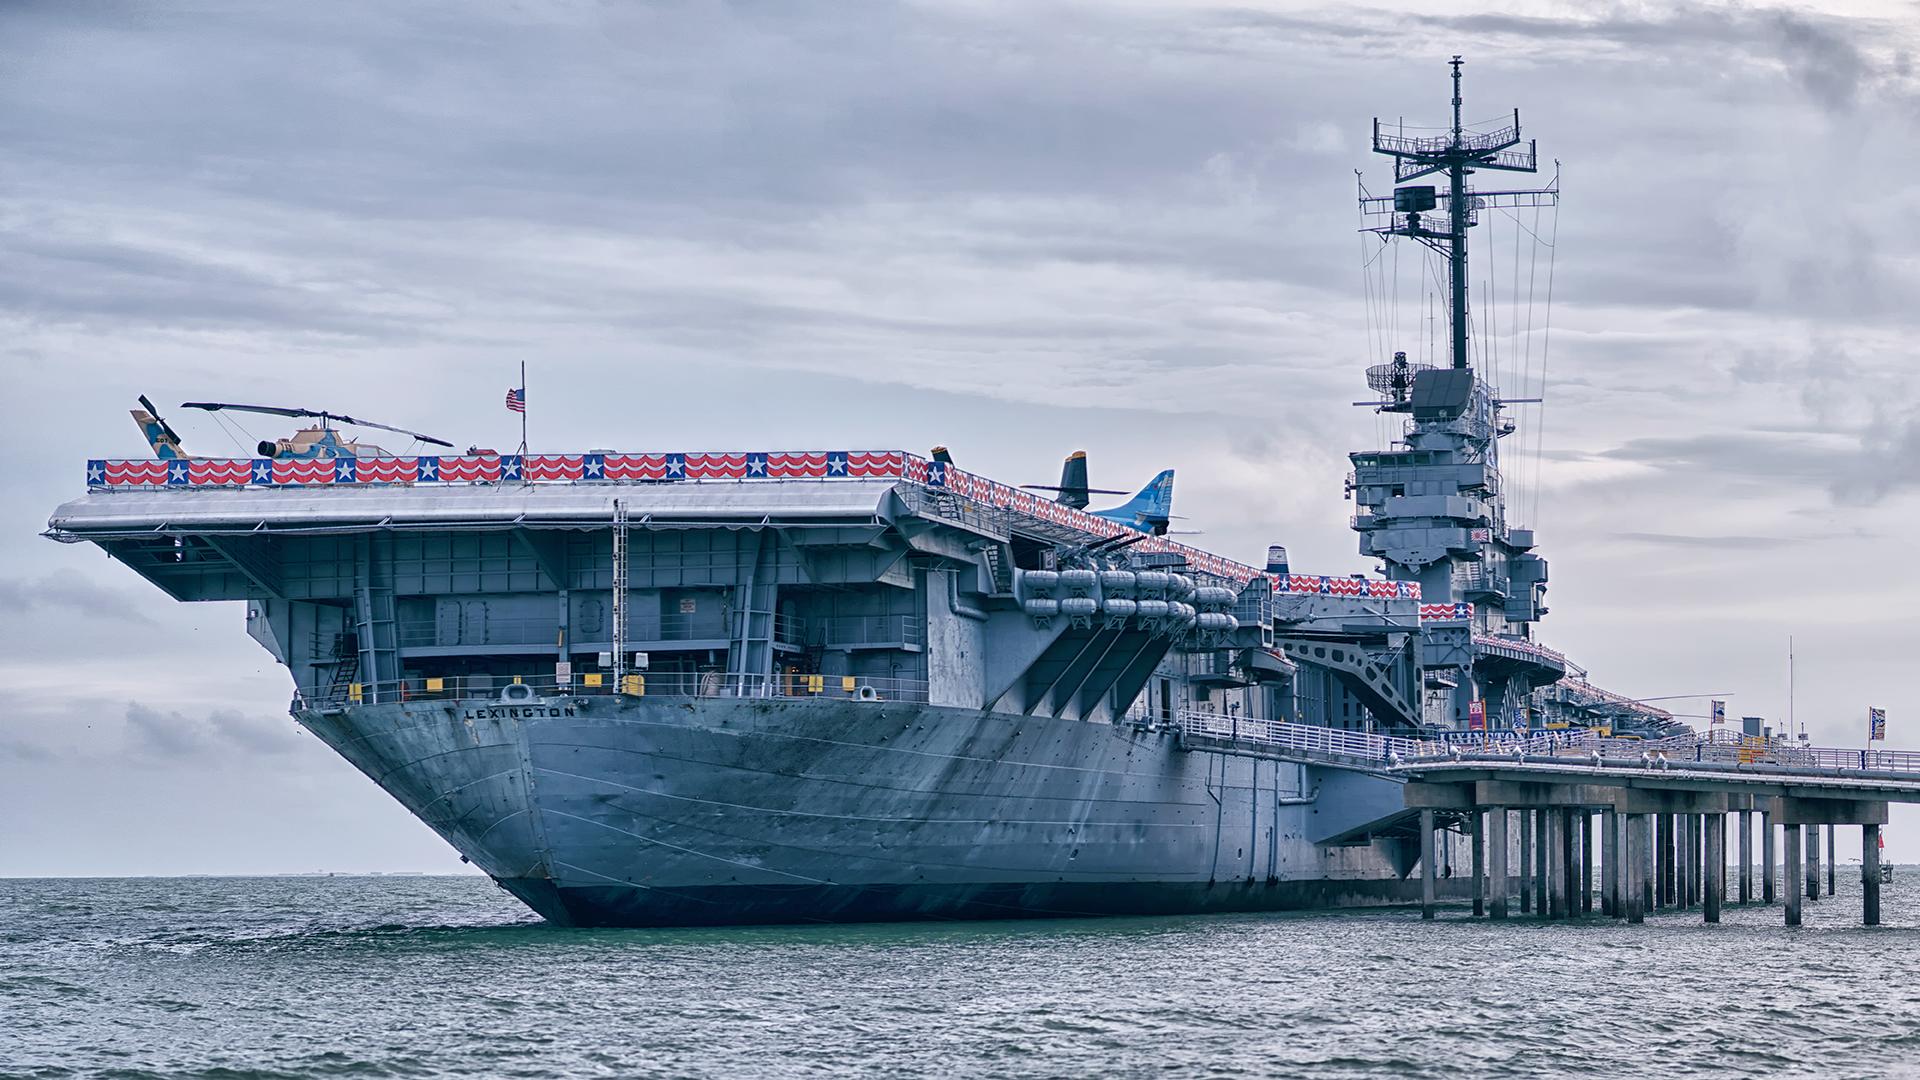 iStock-USS Lexington dockt in Corpus Christi540206560web.jpg